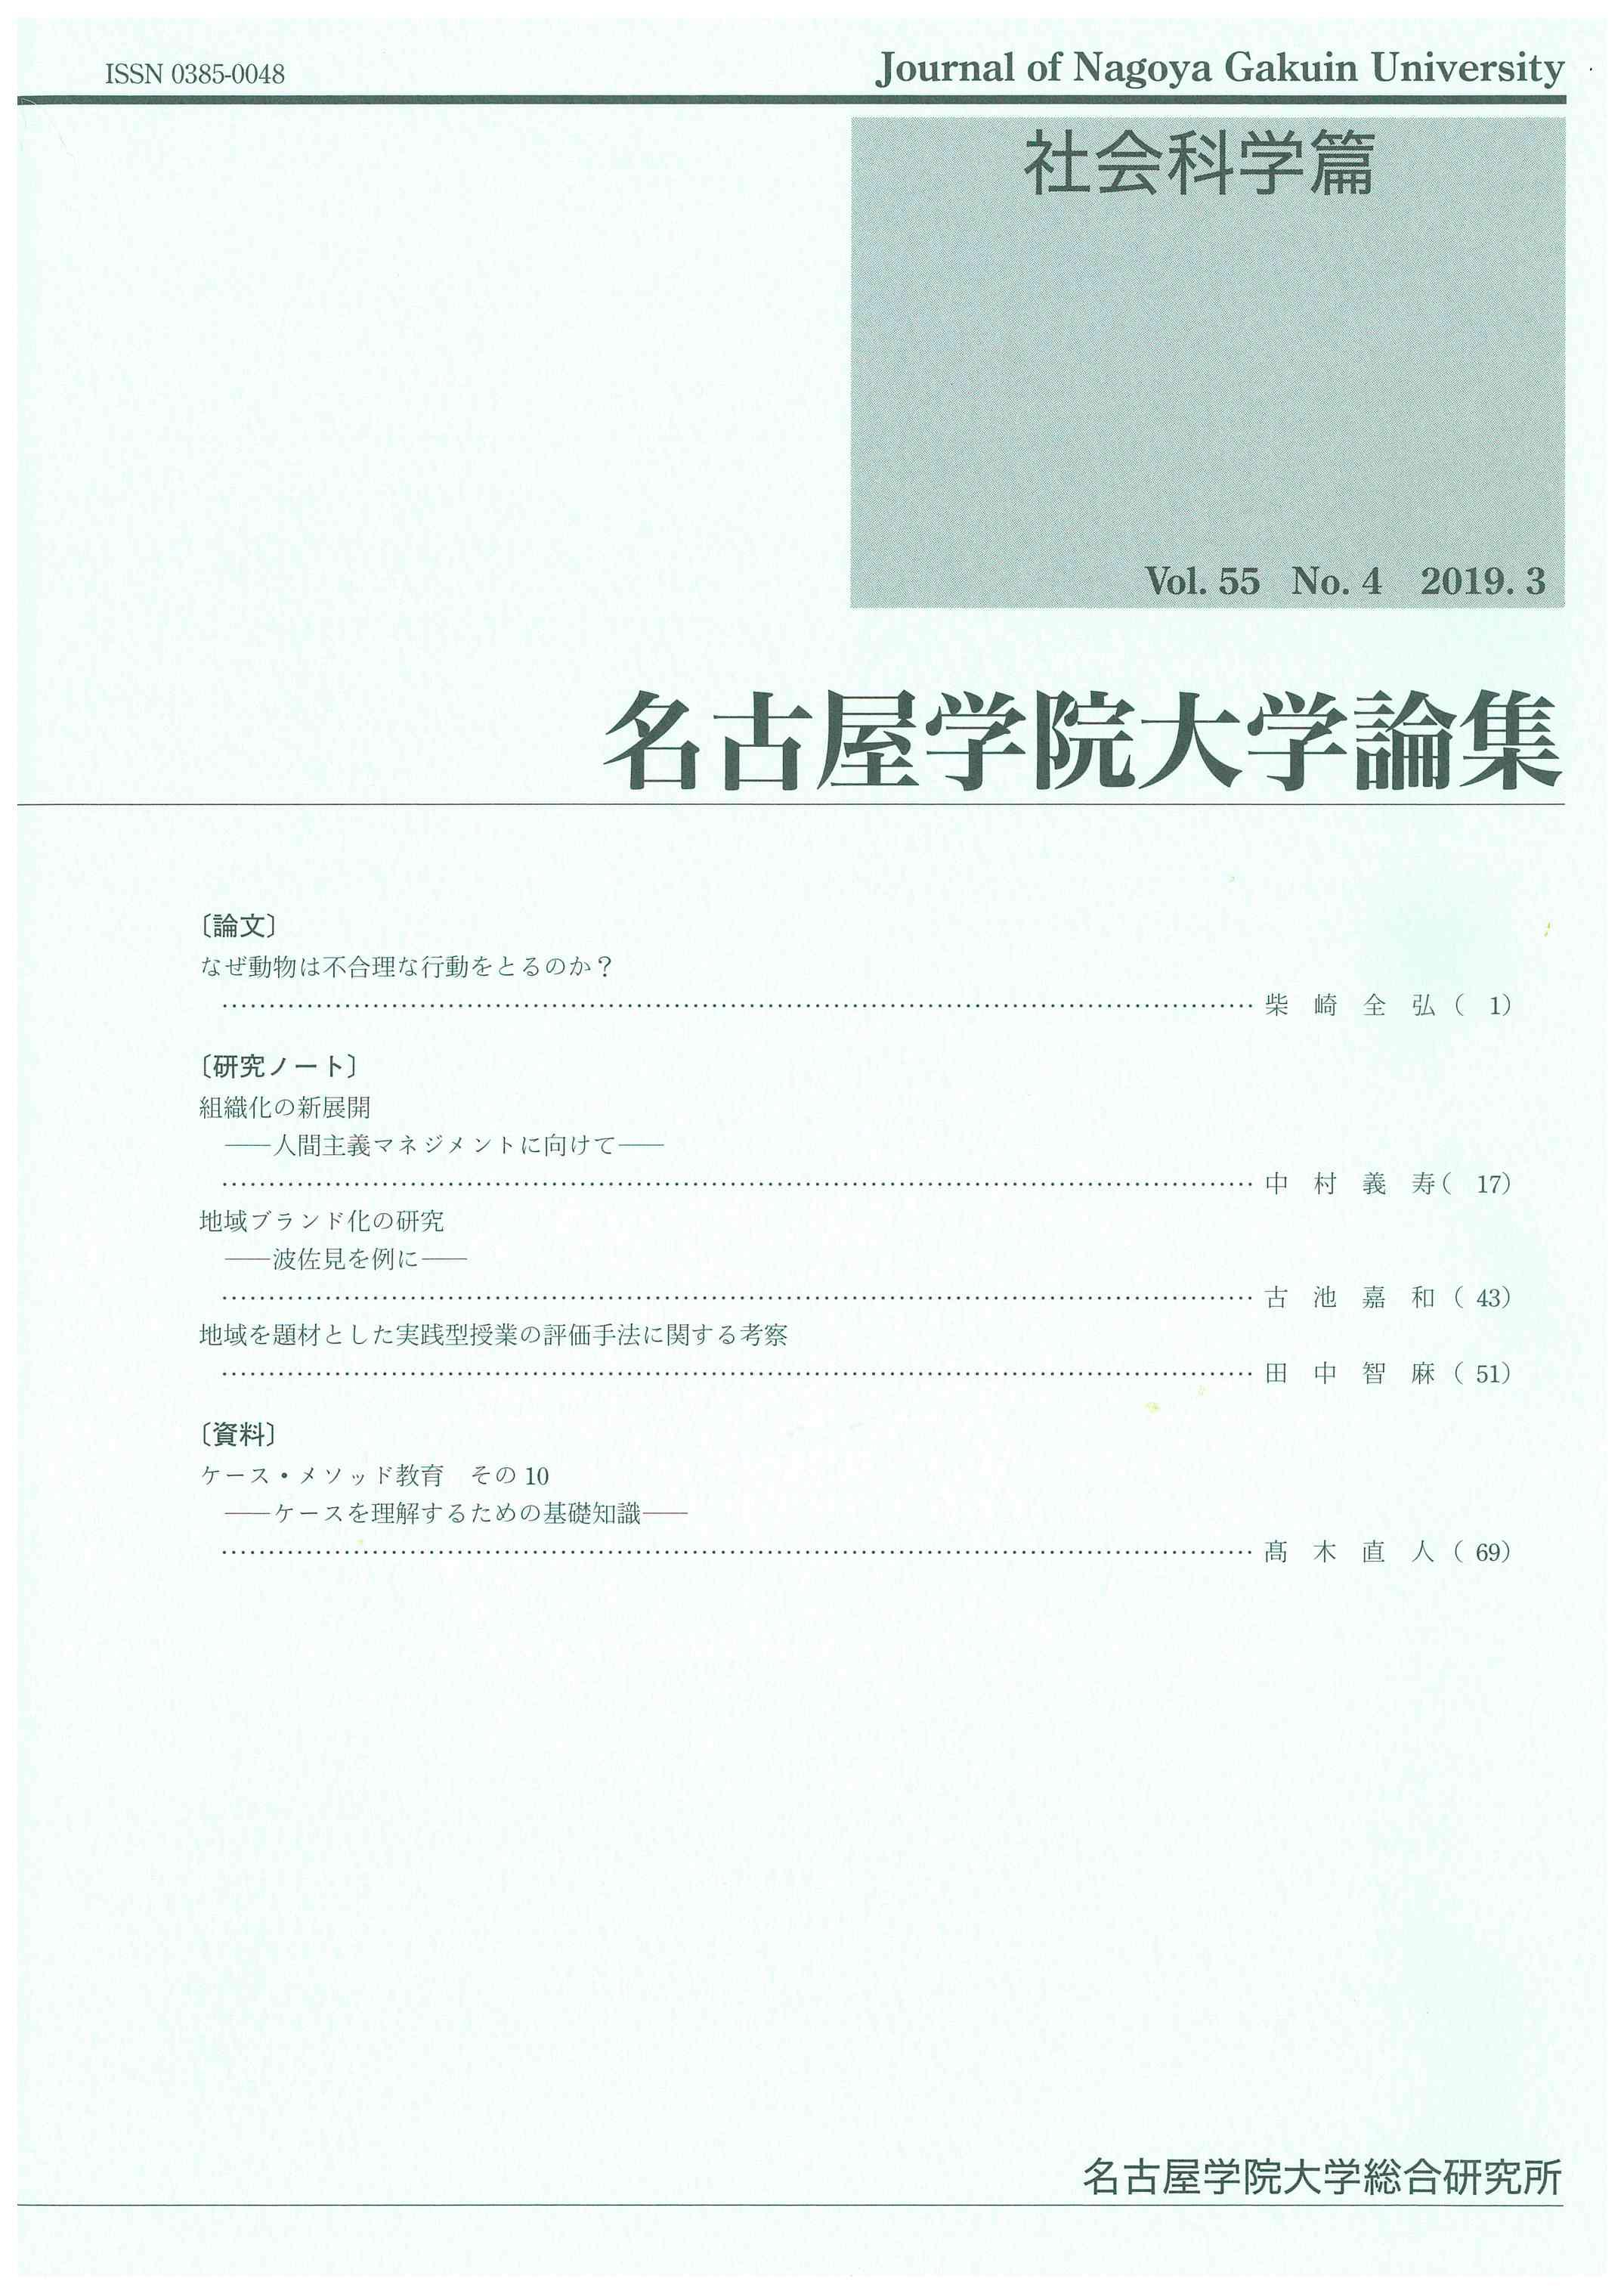 syakai554.jpg